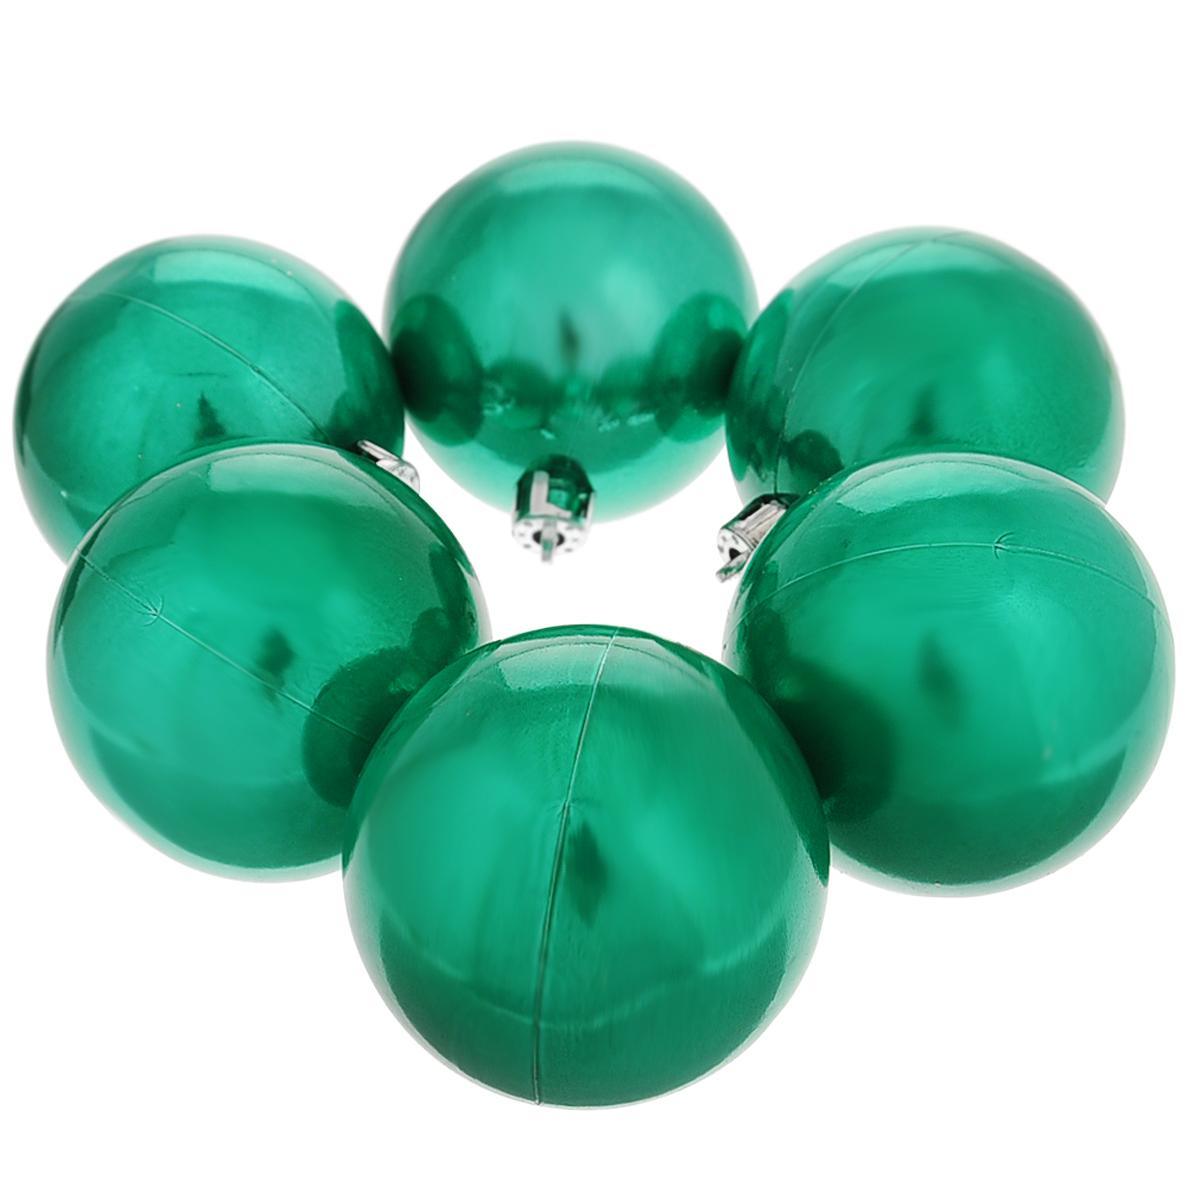 """Набор новогодних подвесных украшений """"Шар"""", цвет: бирюзовый, диаметр 6 см, 6 шт. 35526"""